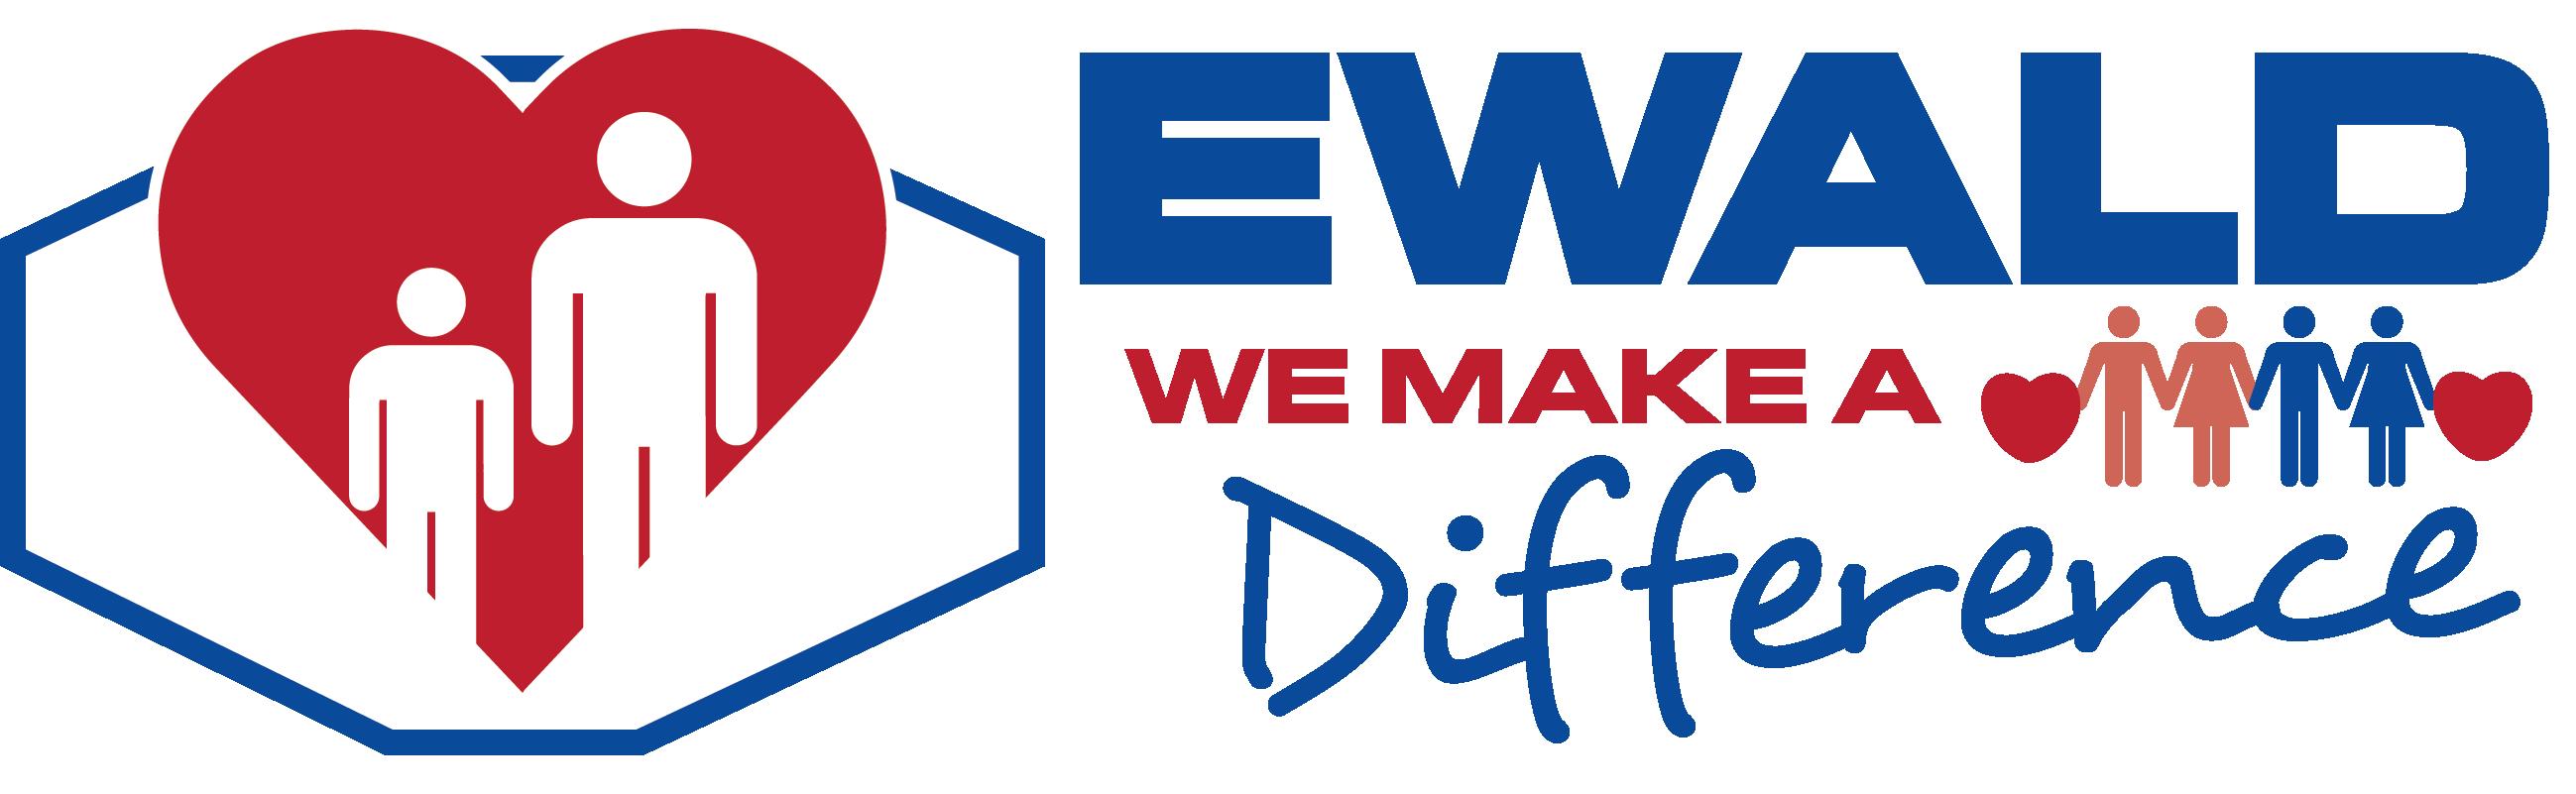 Ewald Cares